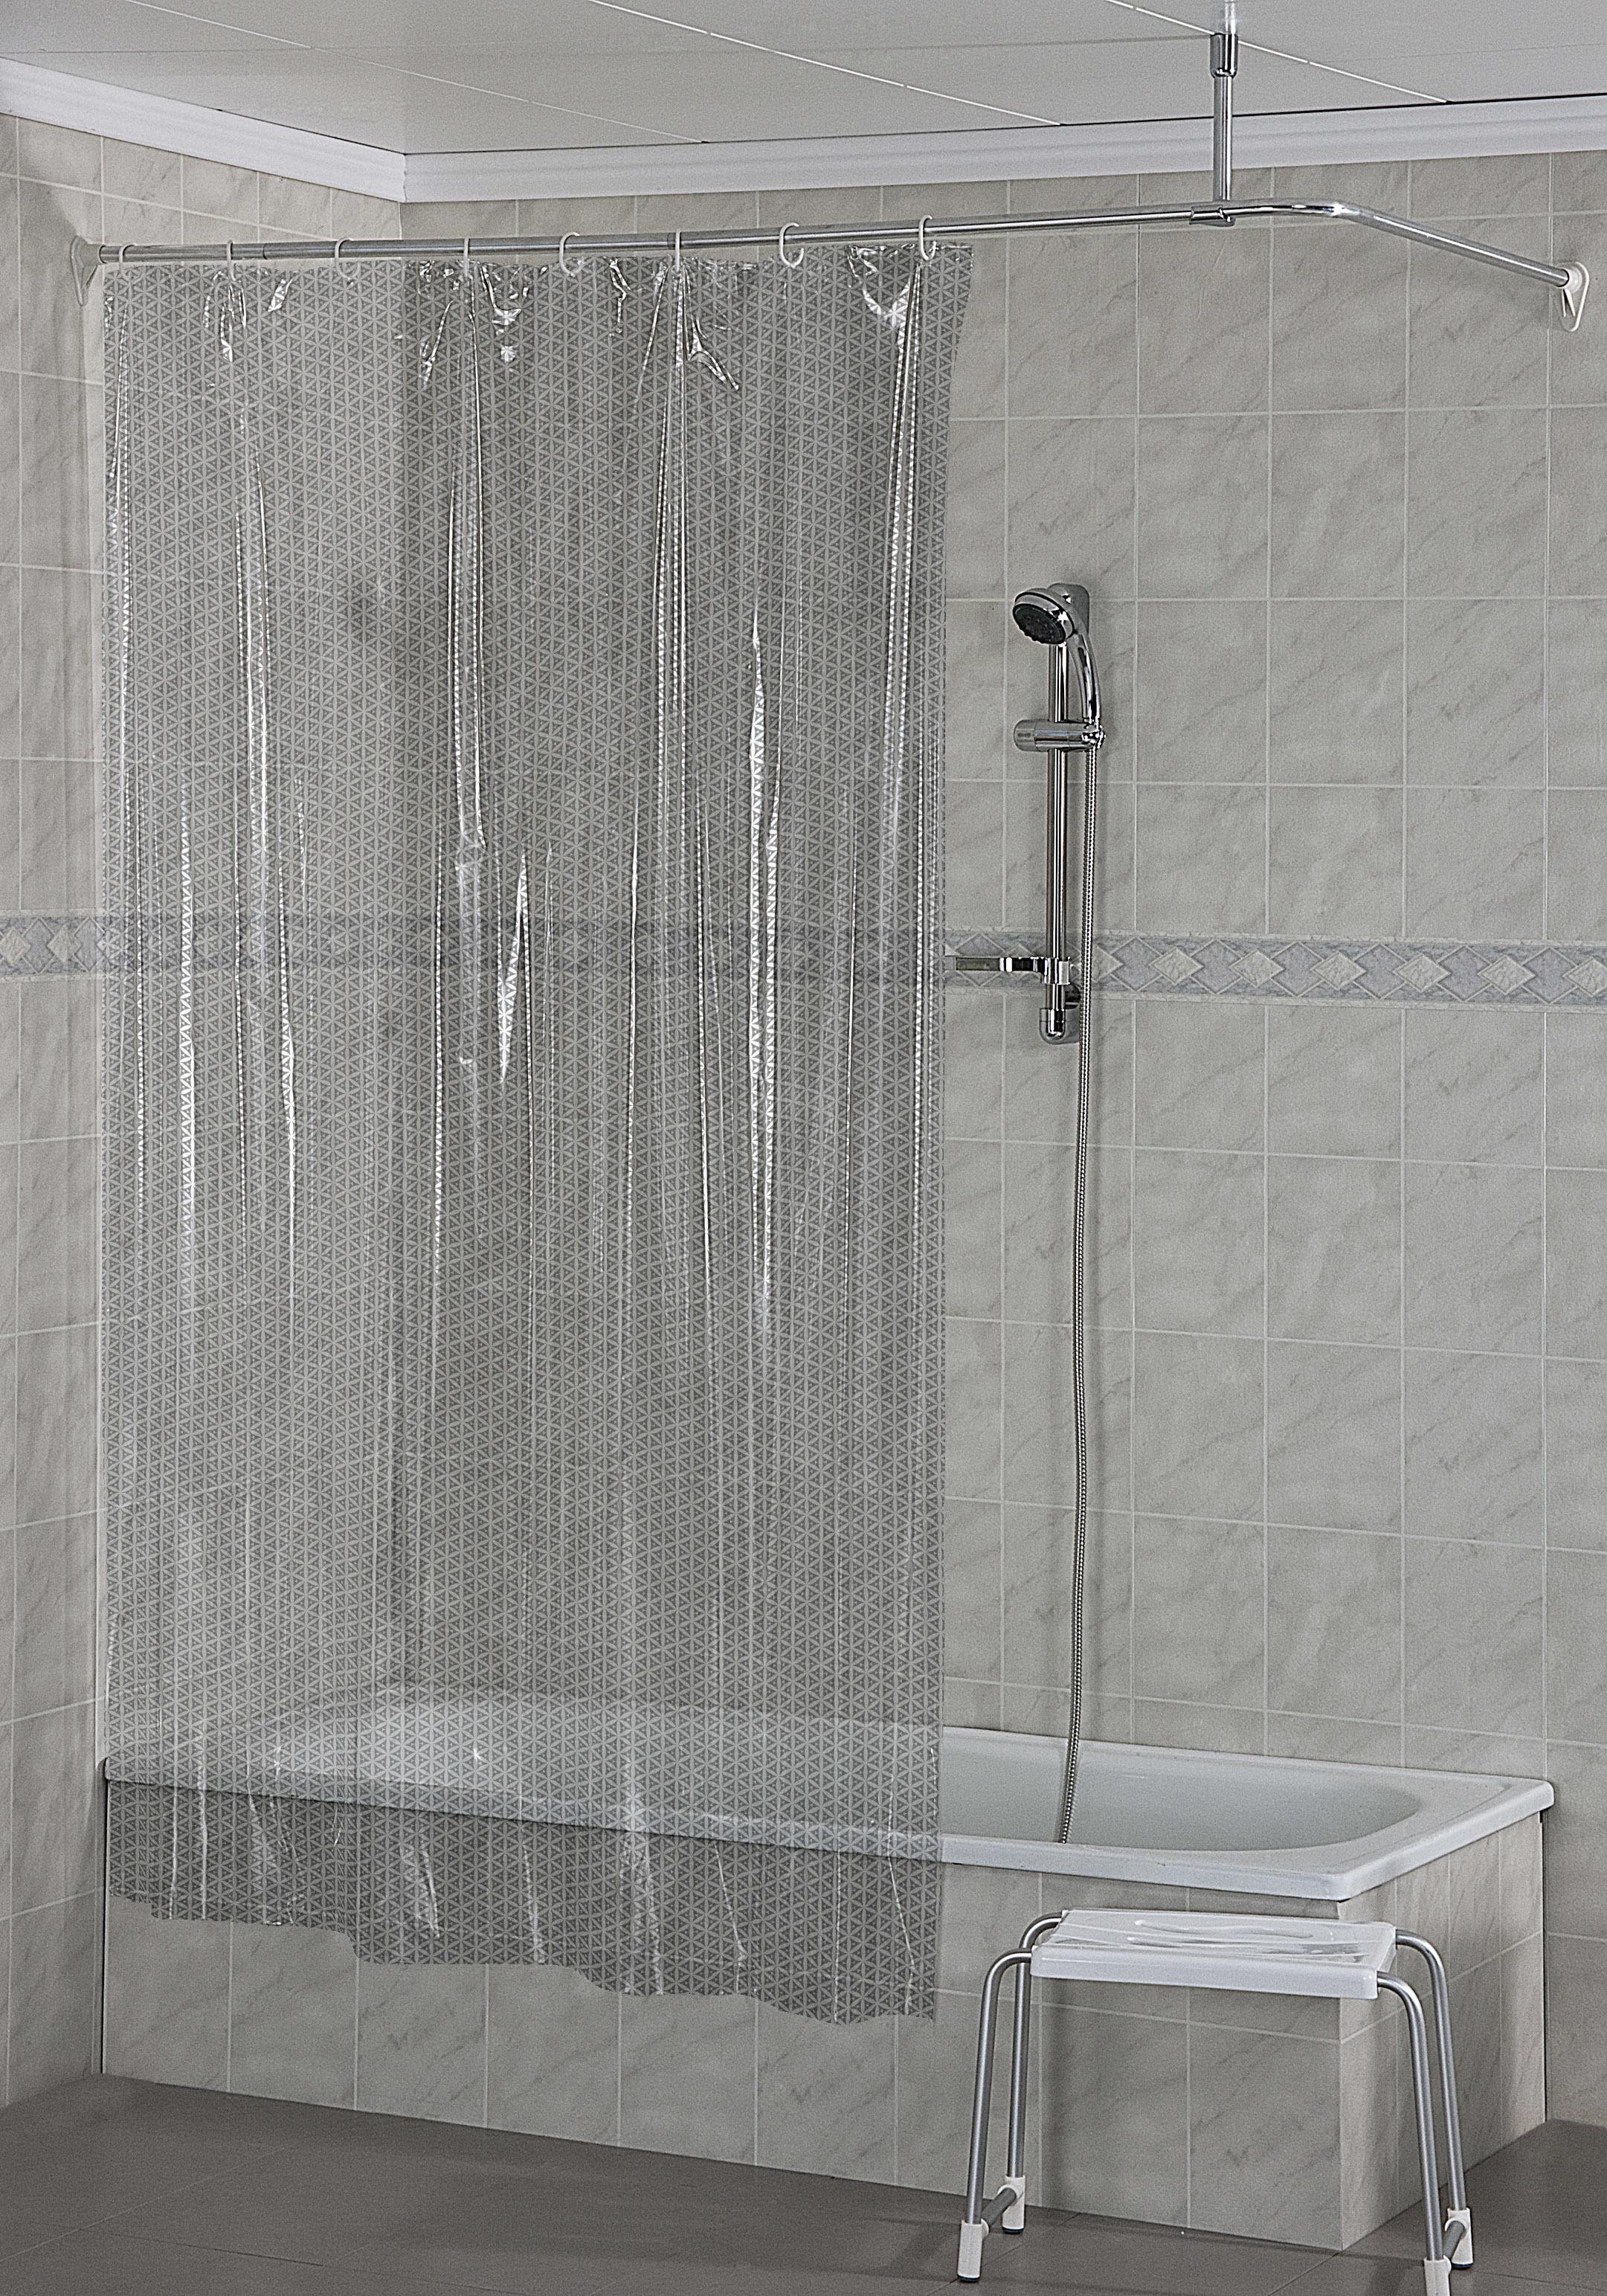 Accessoire salle de bain carrefour id es d 39 images la maison - Accessoire salle de bain carrefour ...